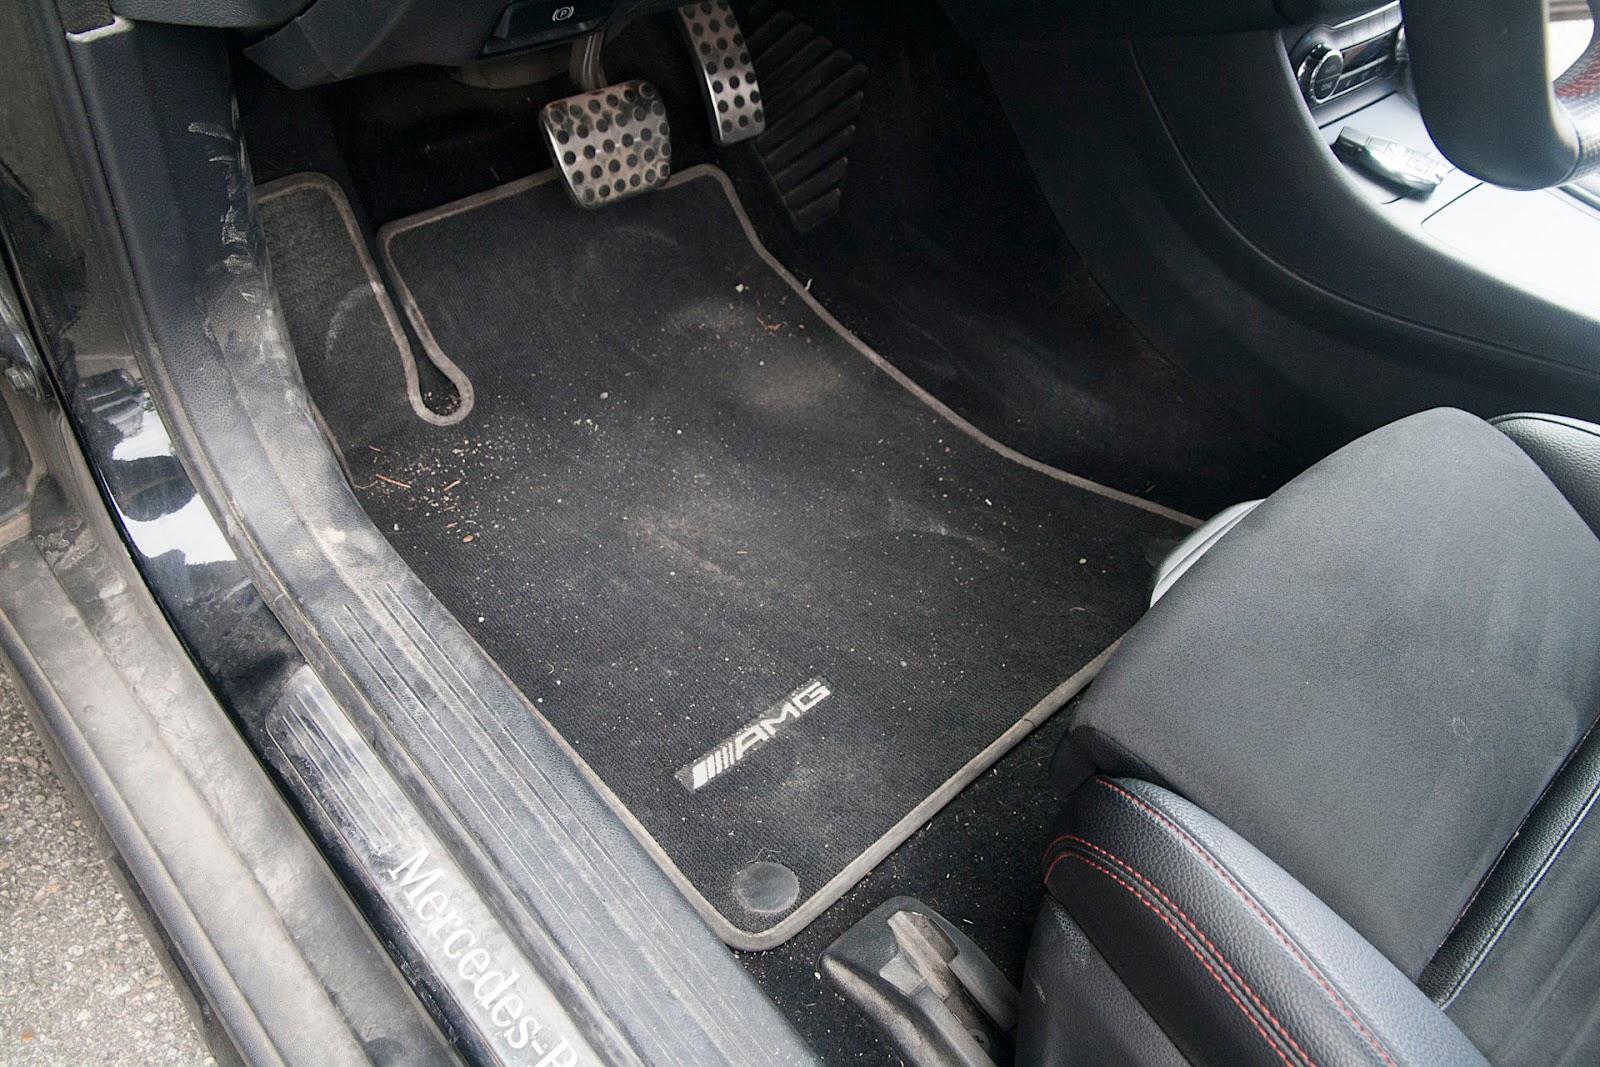 Les saletés sont très incrustées dans les tapis et moquettes.